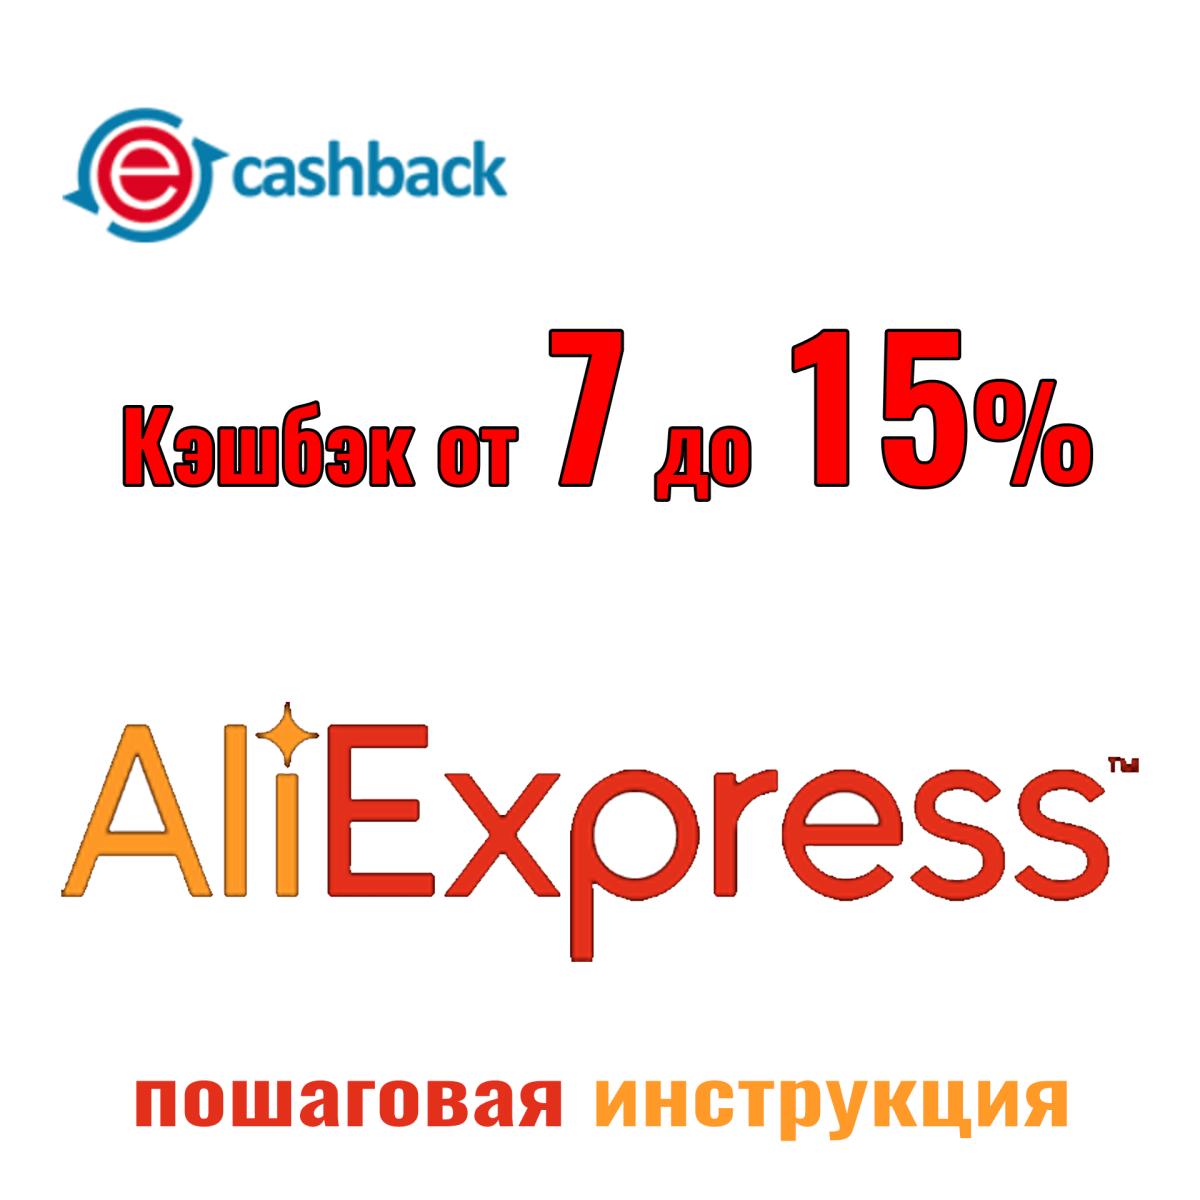 Кэшбэк Алиэкспресс — Выбираем кэшбэк-сервис для Aliexpress ...